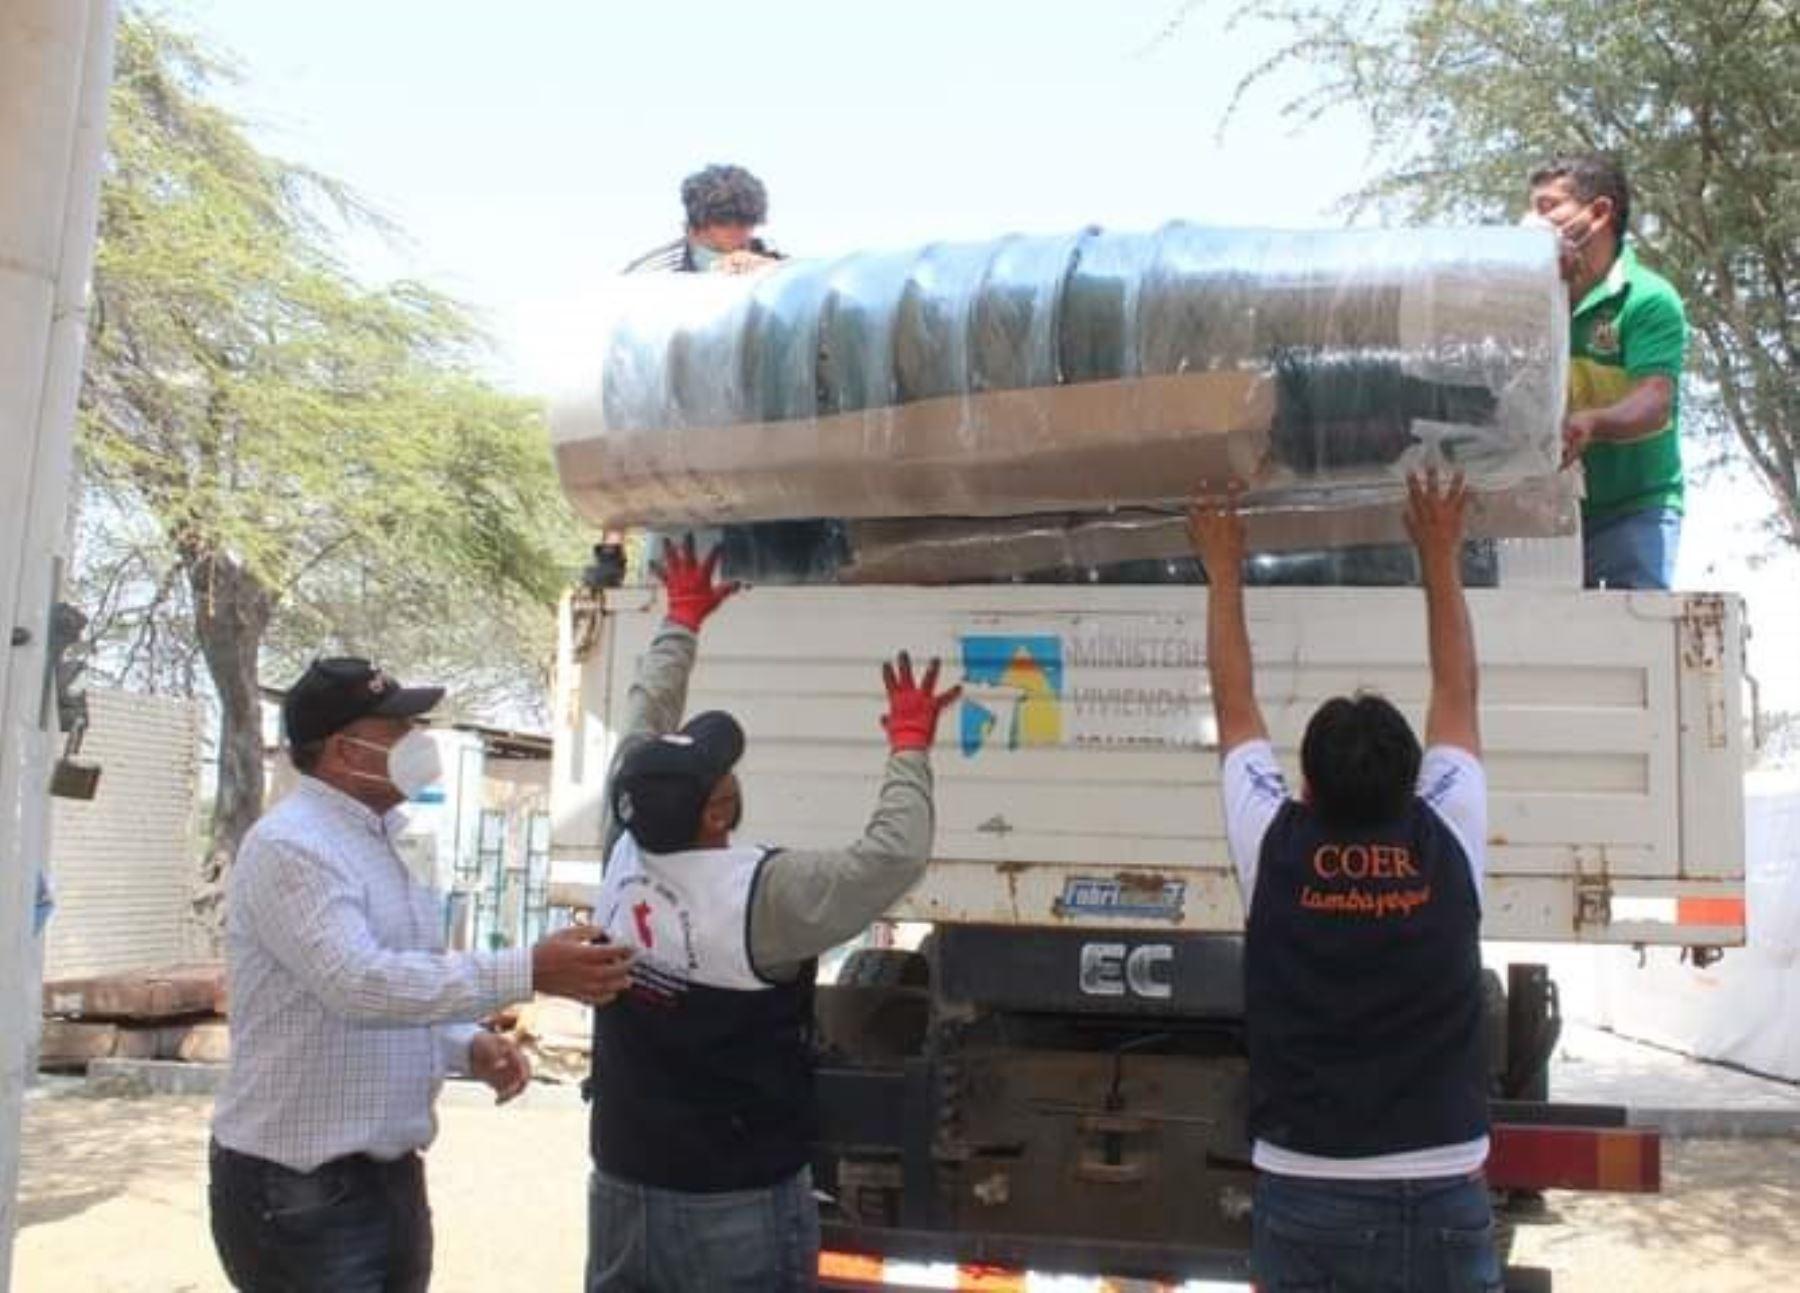 COER Lambayeque entrega bidones a pobladores del distrito de Pacora afectados por la contaminación de agua por arsénico.